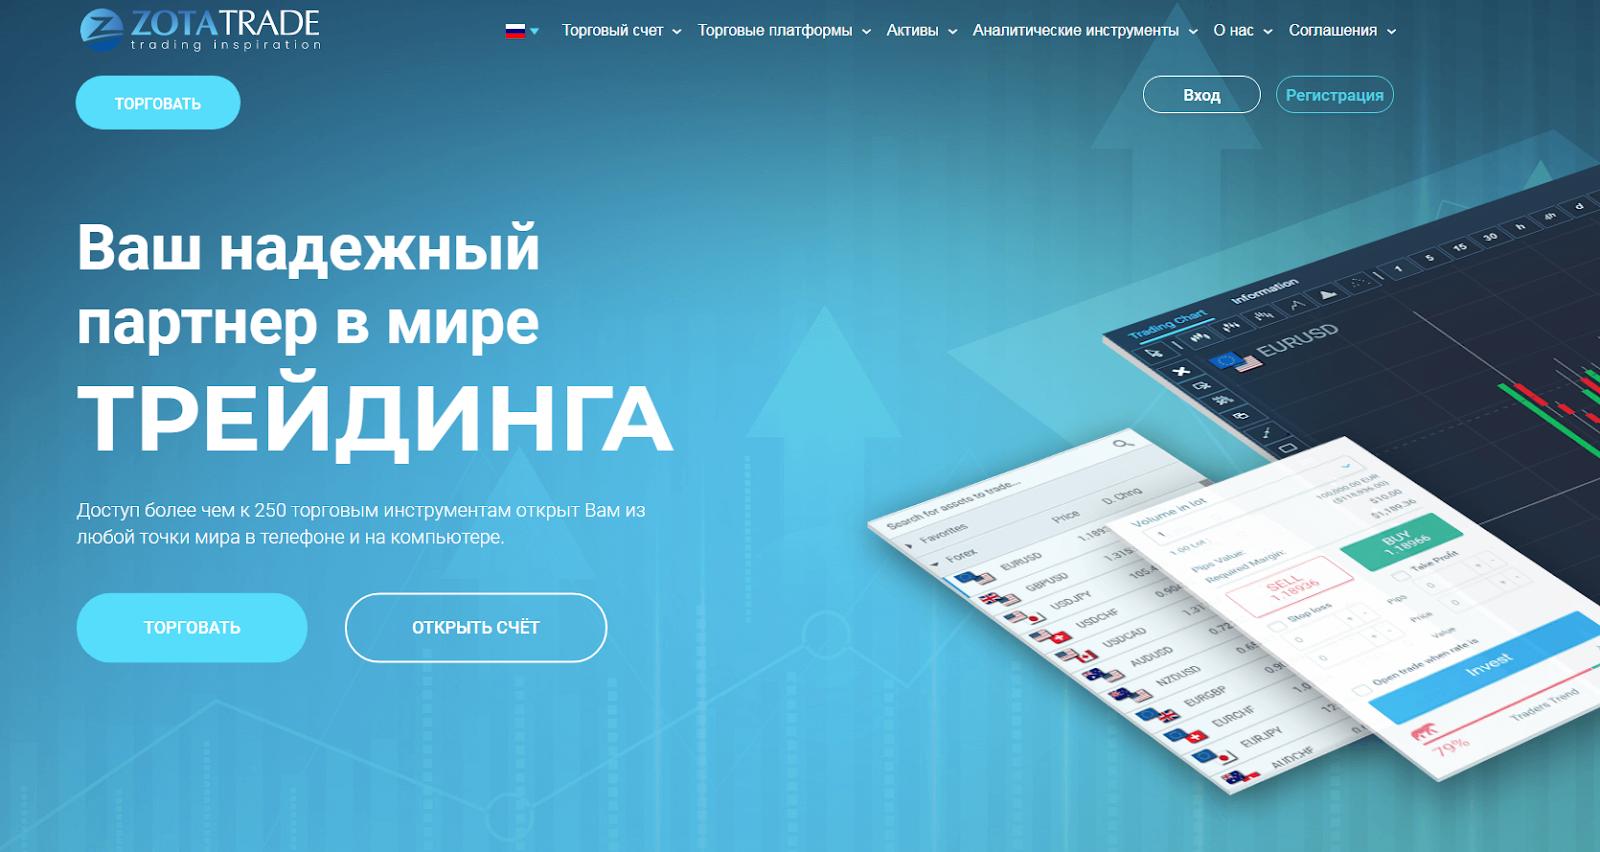 Обзор брокера ZotaTrade: тарифные планы и отзывы клиентов